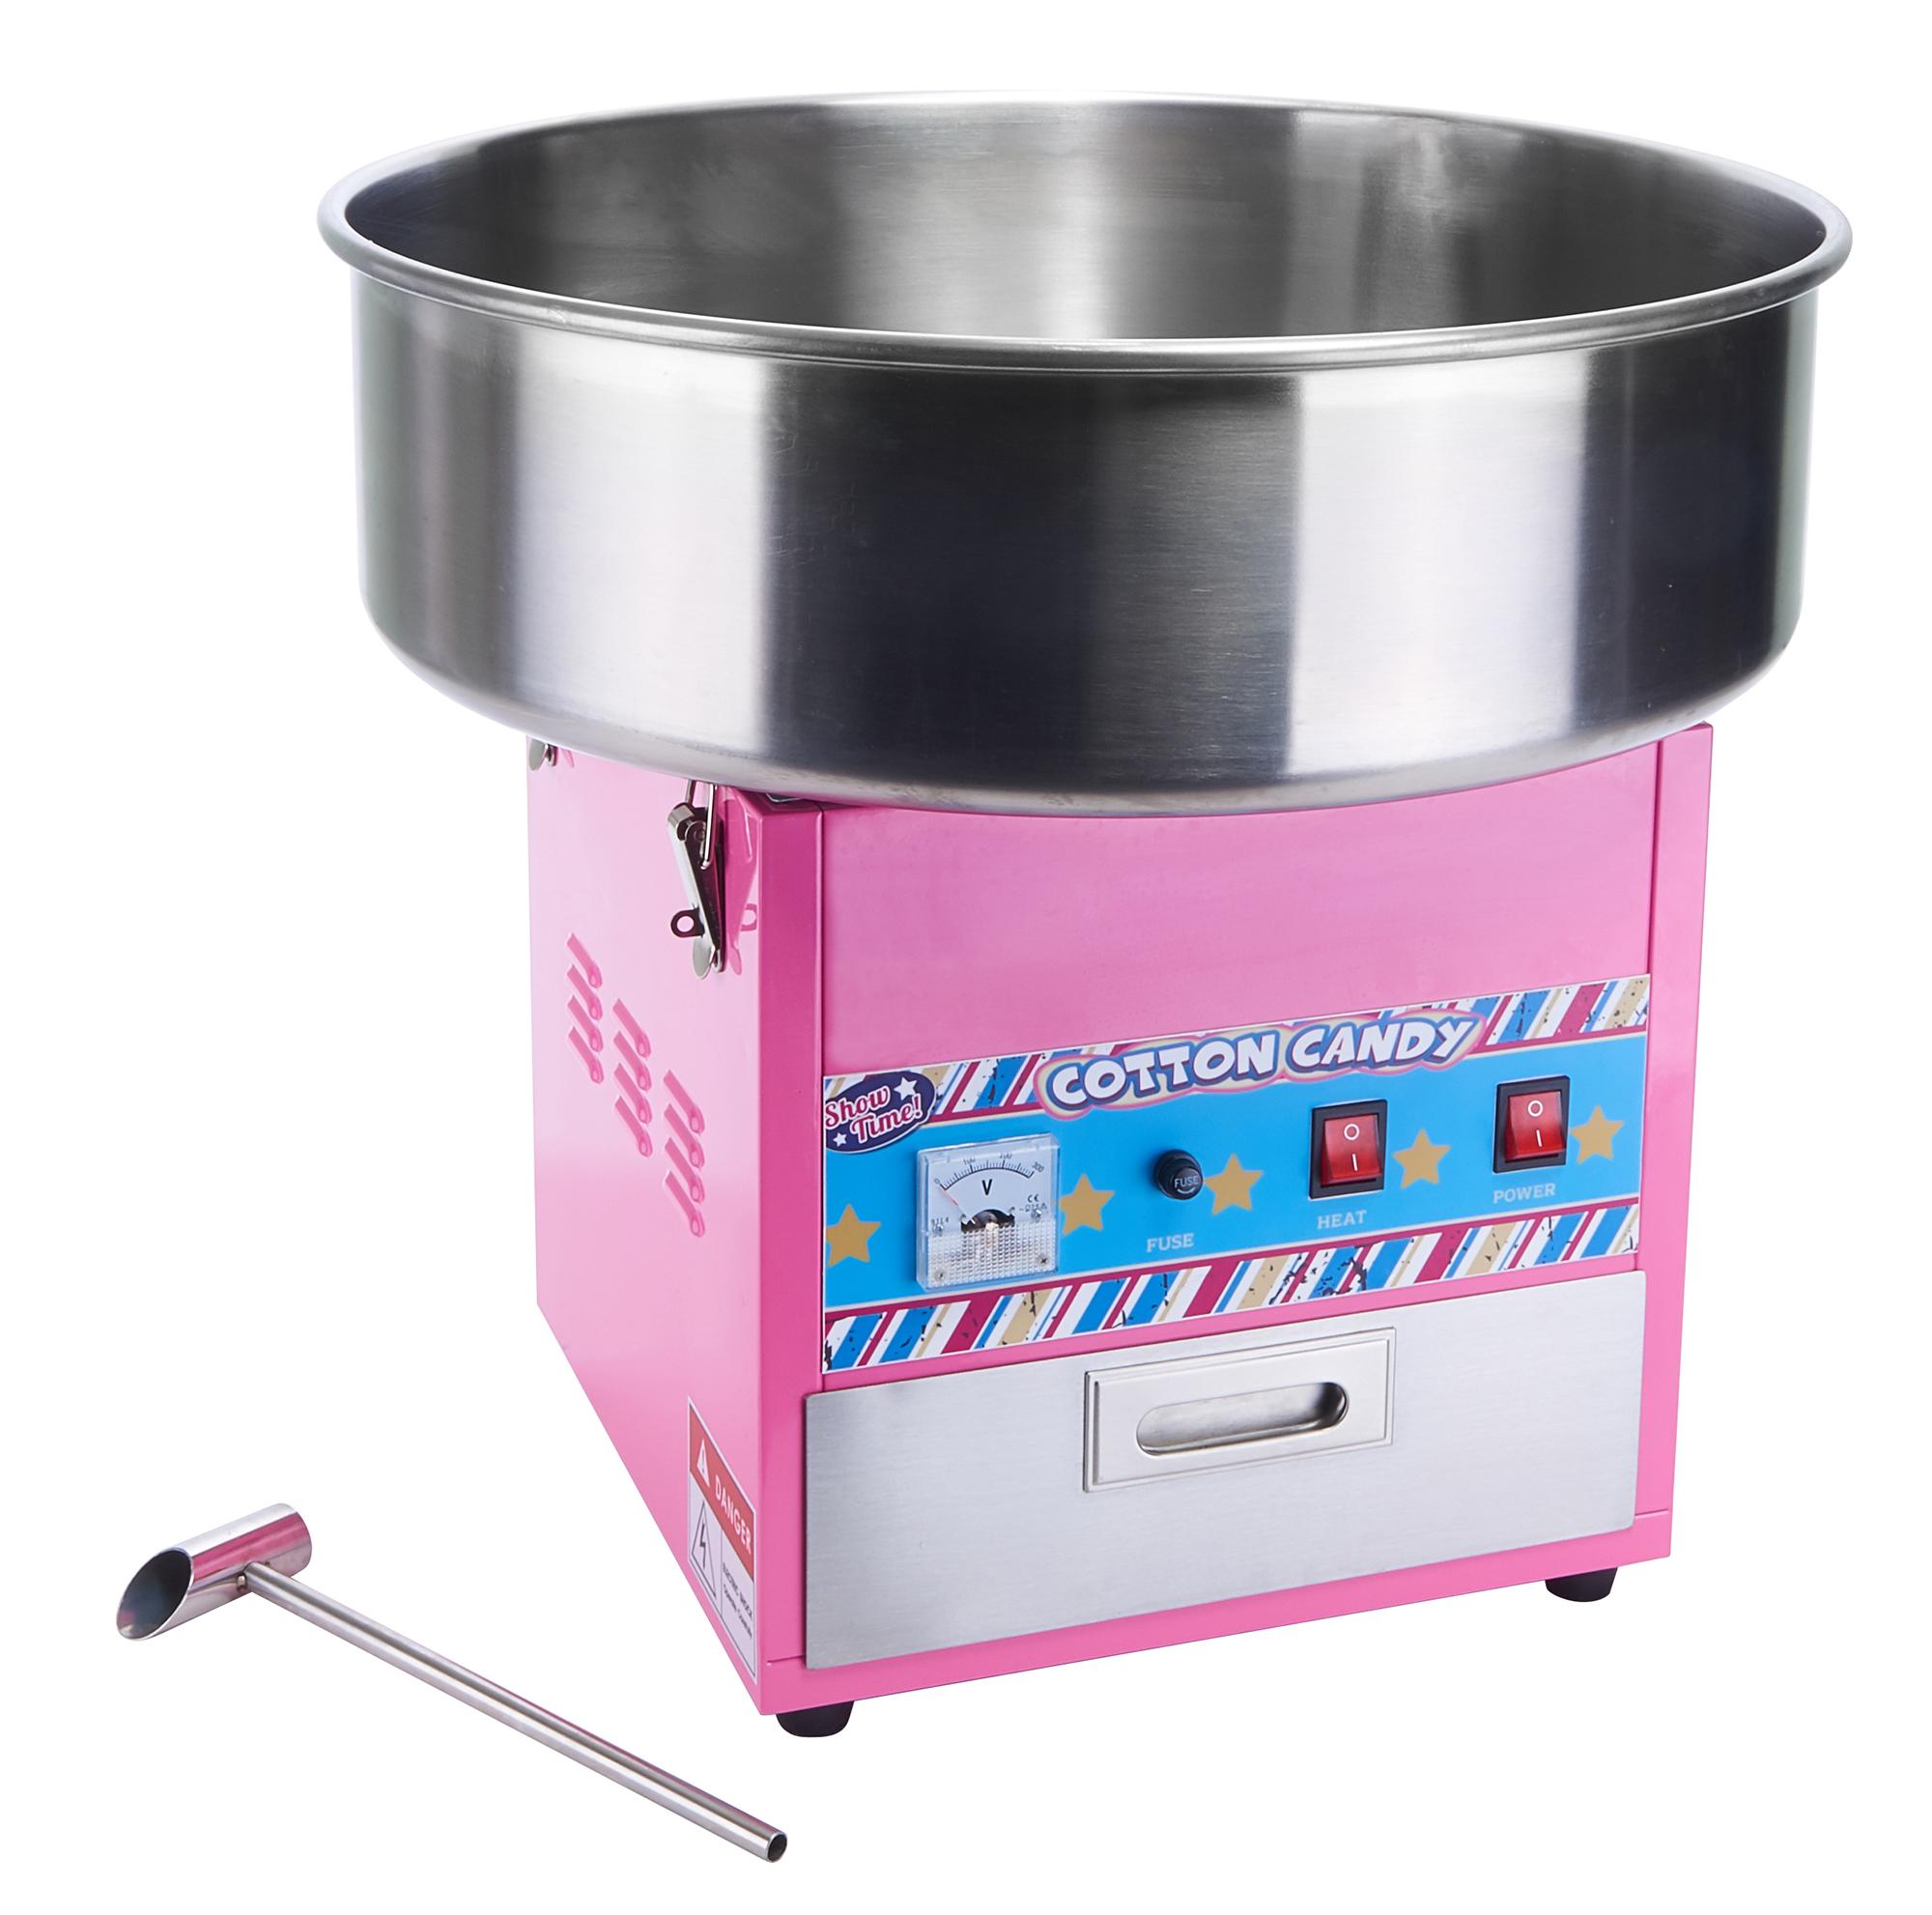 Winco CCM28-P5 sugar spoon